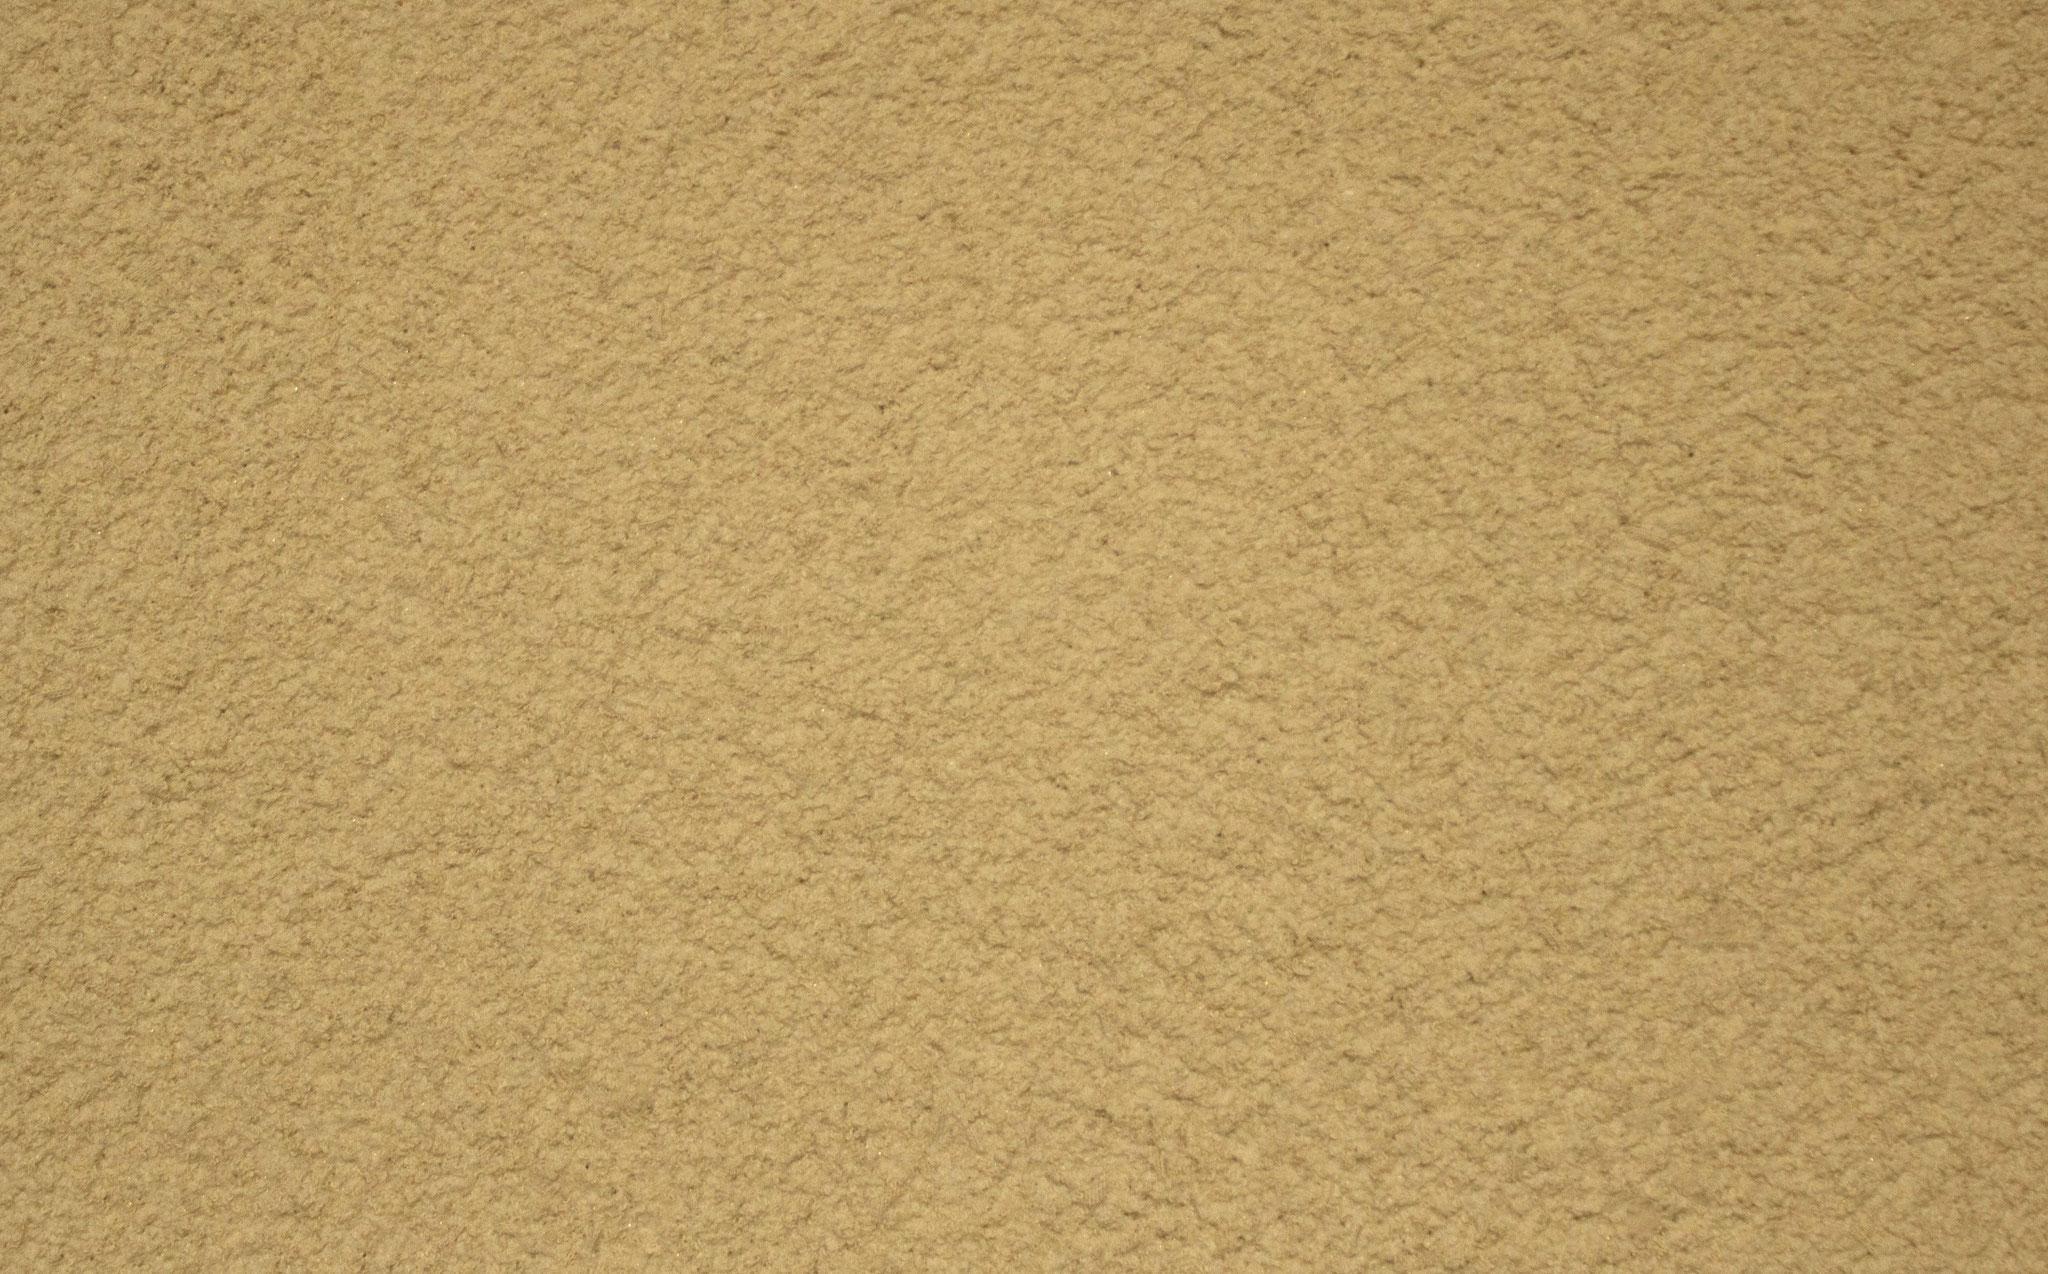 Colorado Sand